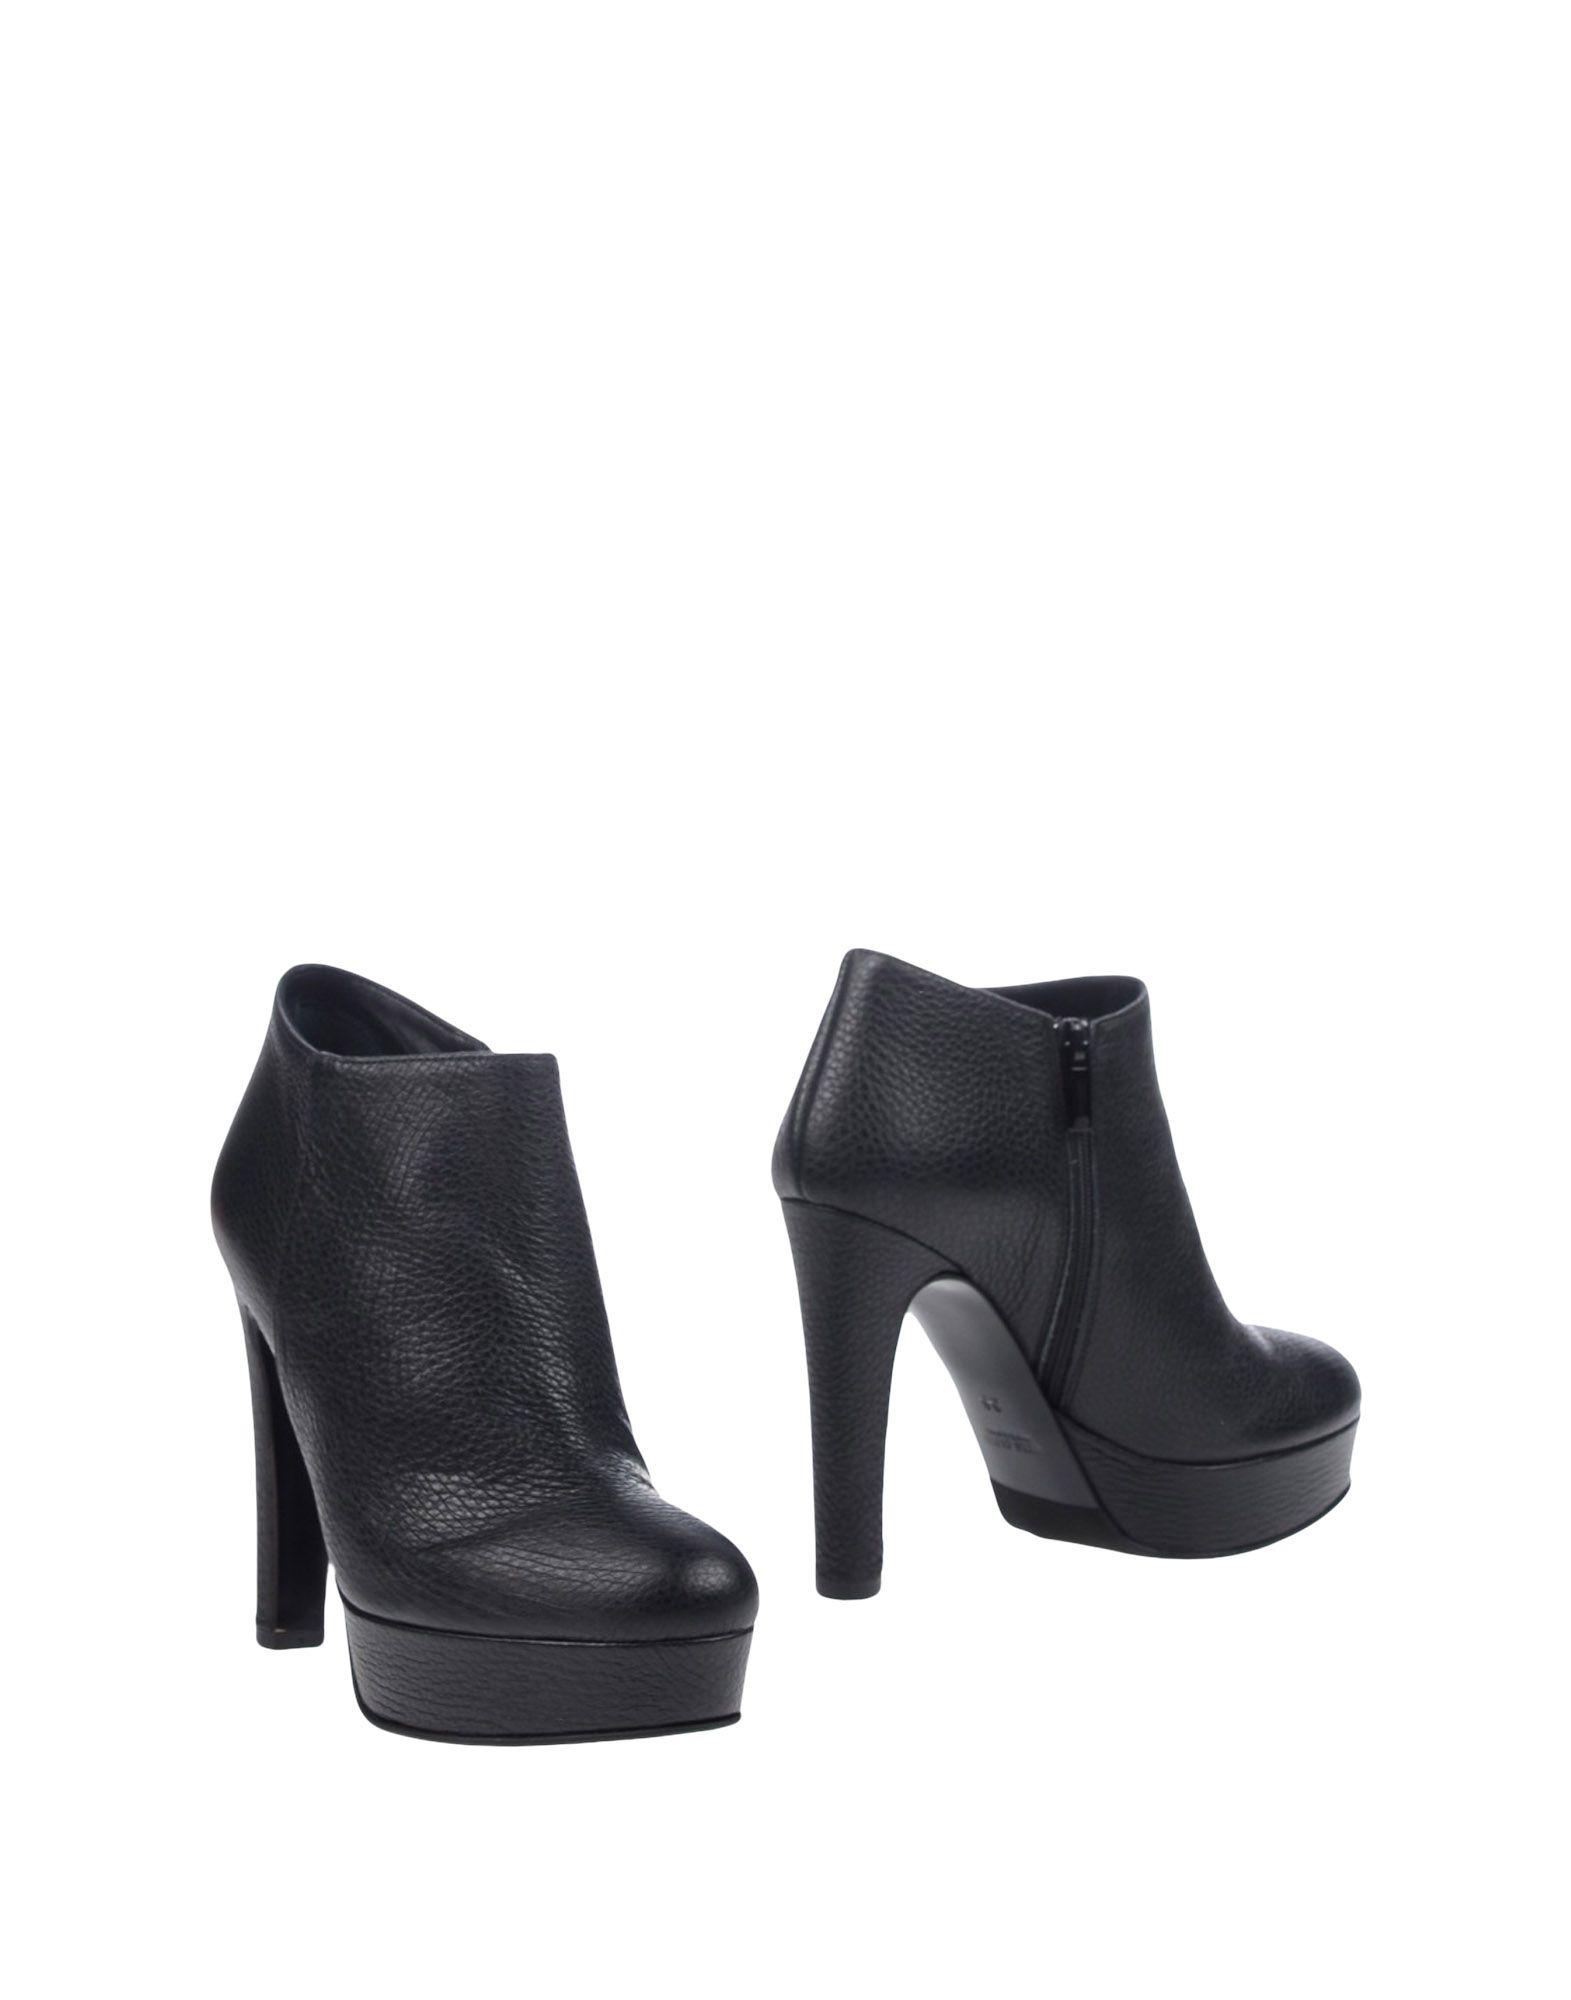 Gut um billige Stiefelette Schuhe zu tragenMarc Ellis Stiefelette billige Damen  11288449NL 609ccf